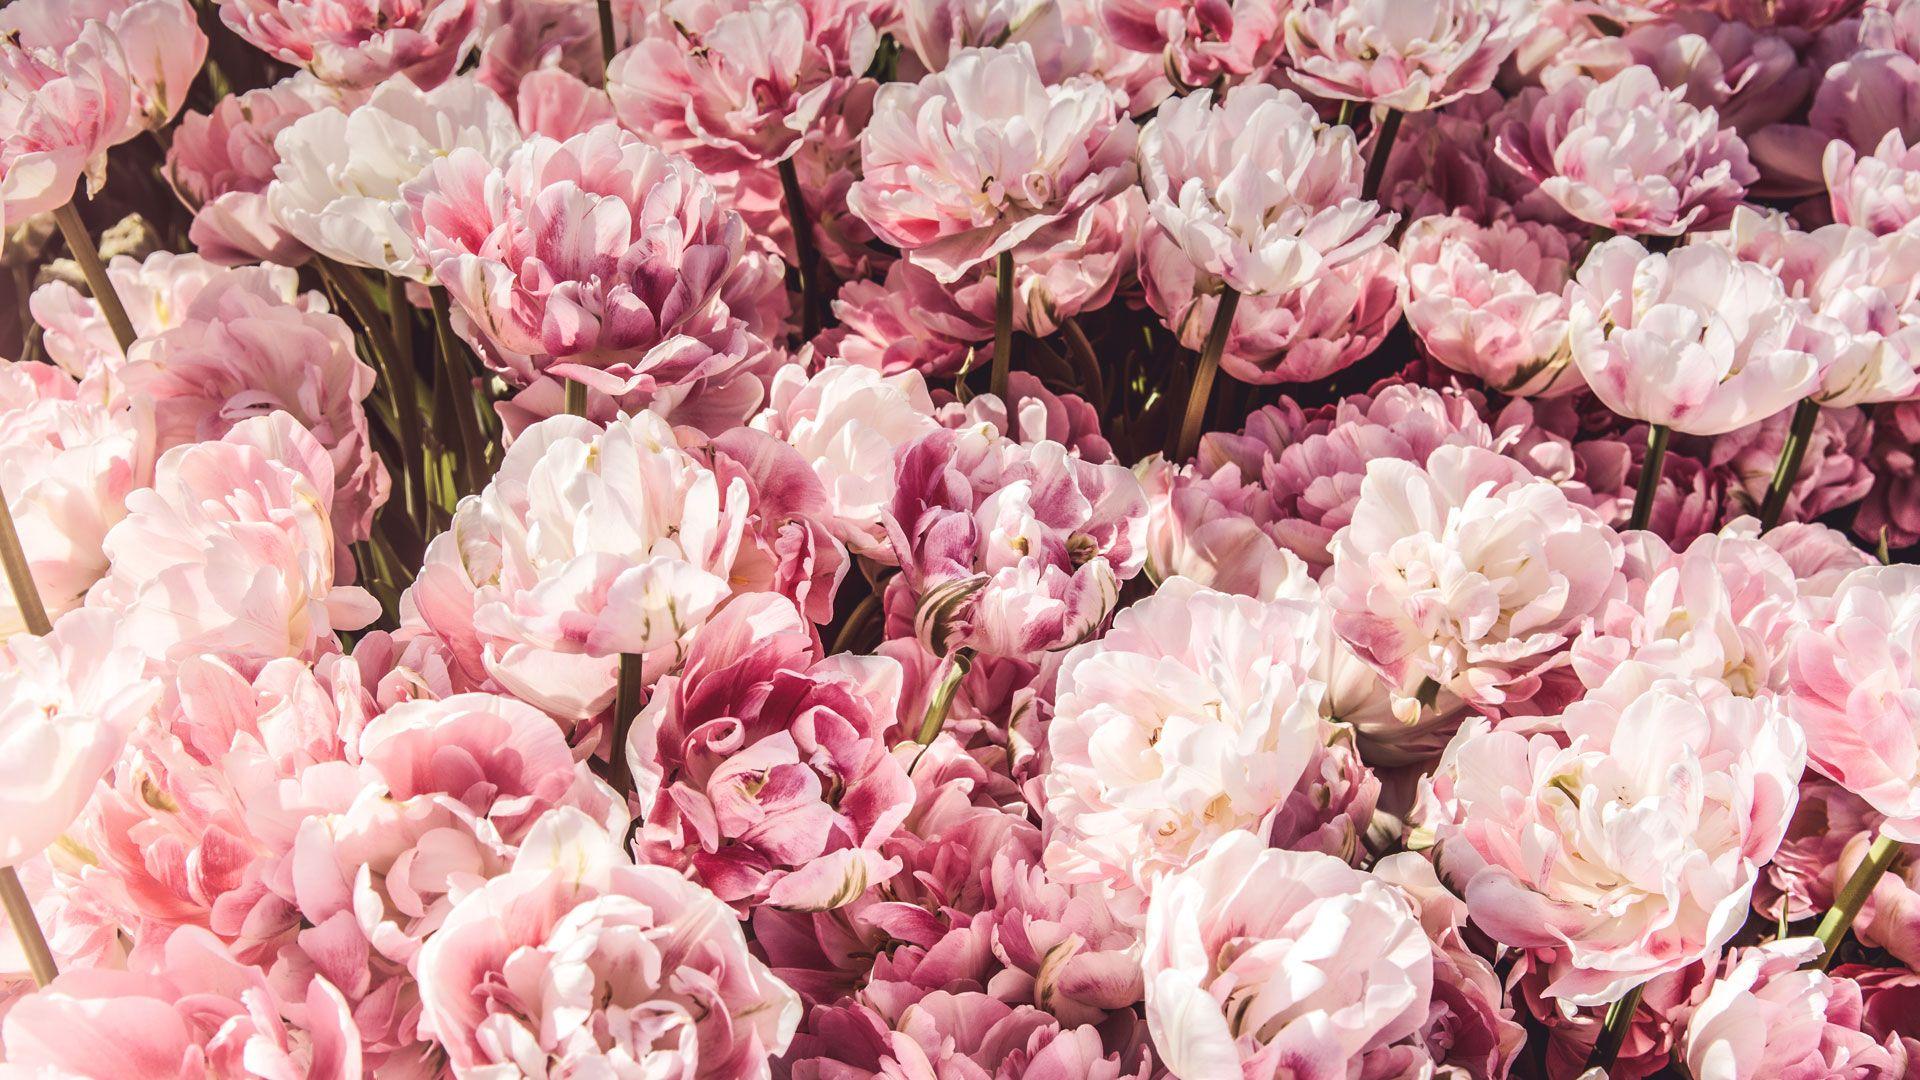 Fasnia - Amborella, floristería online en Madrid